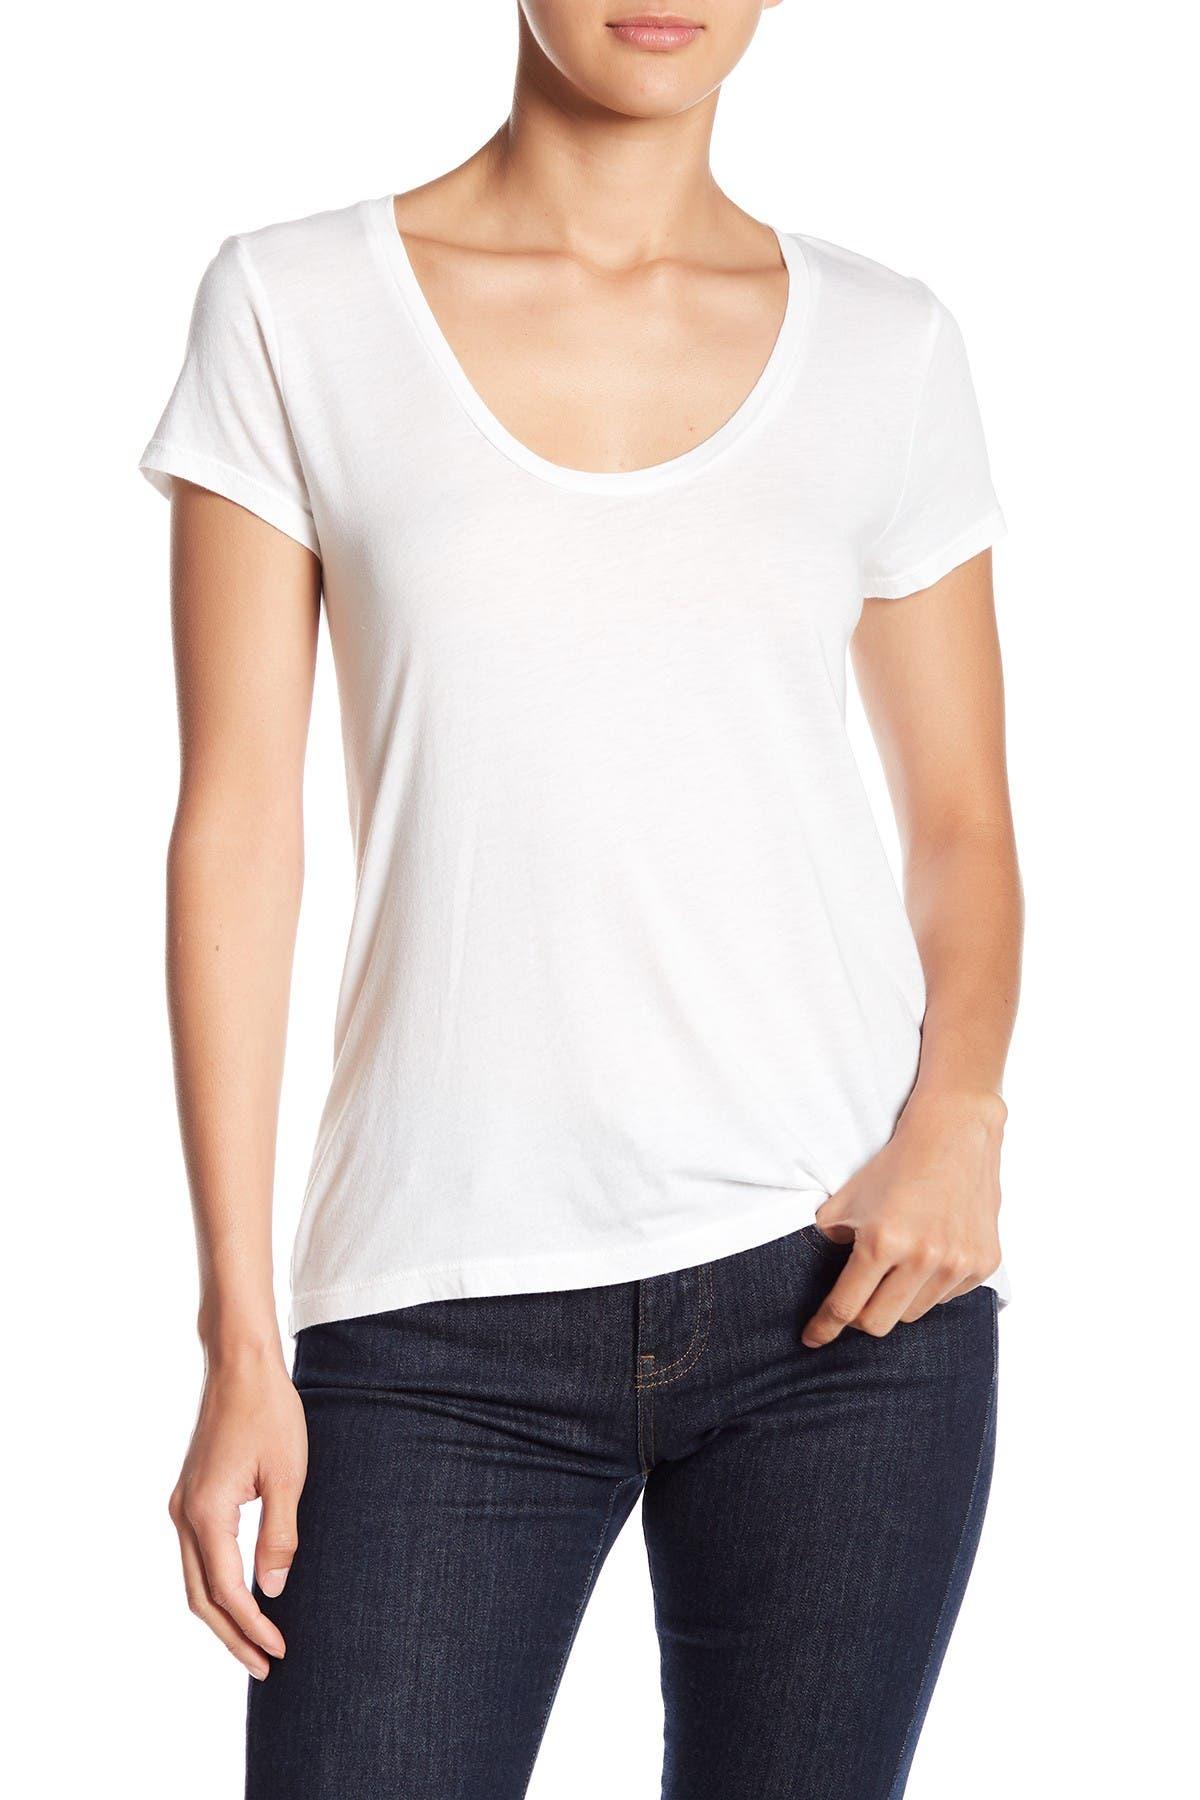 Image of Splendid Scoop Neck T-Shirt